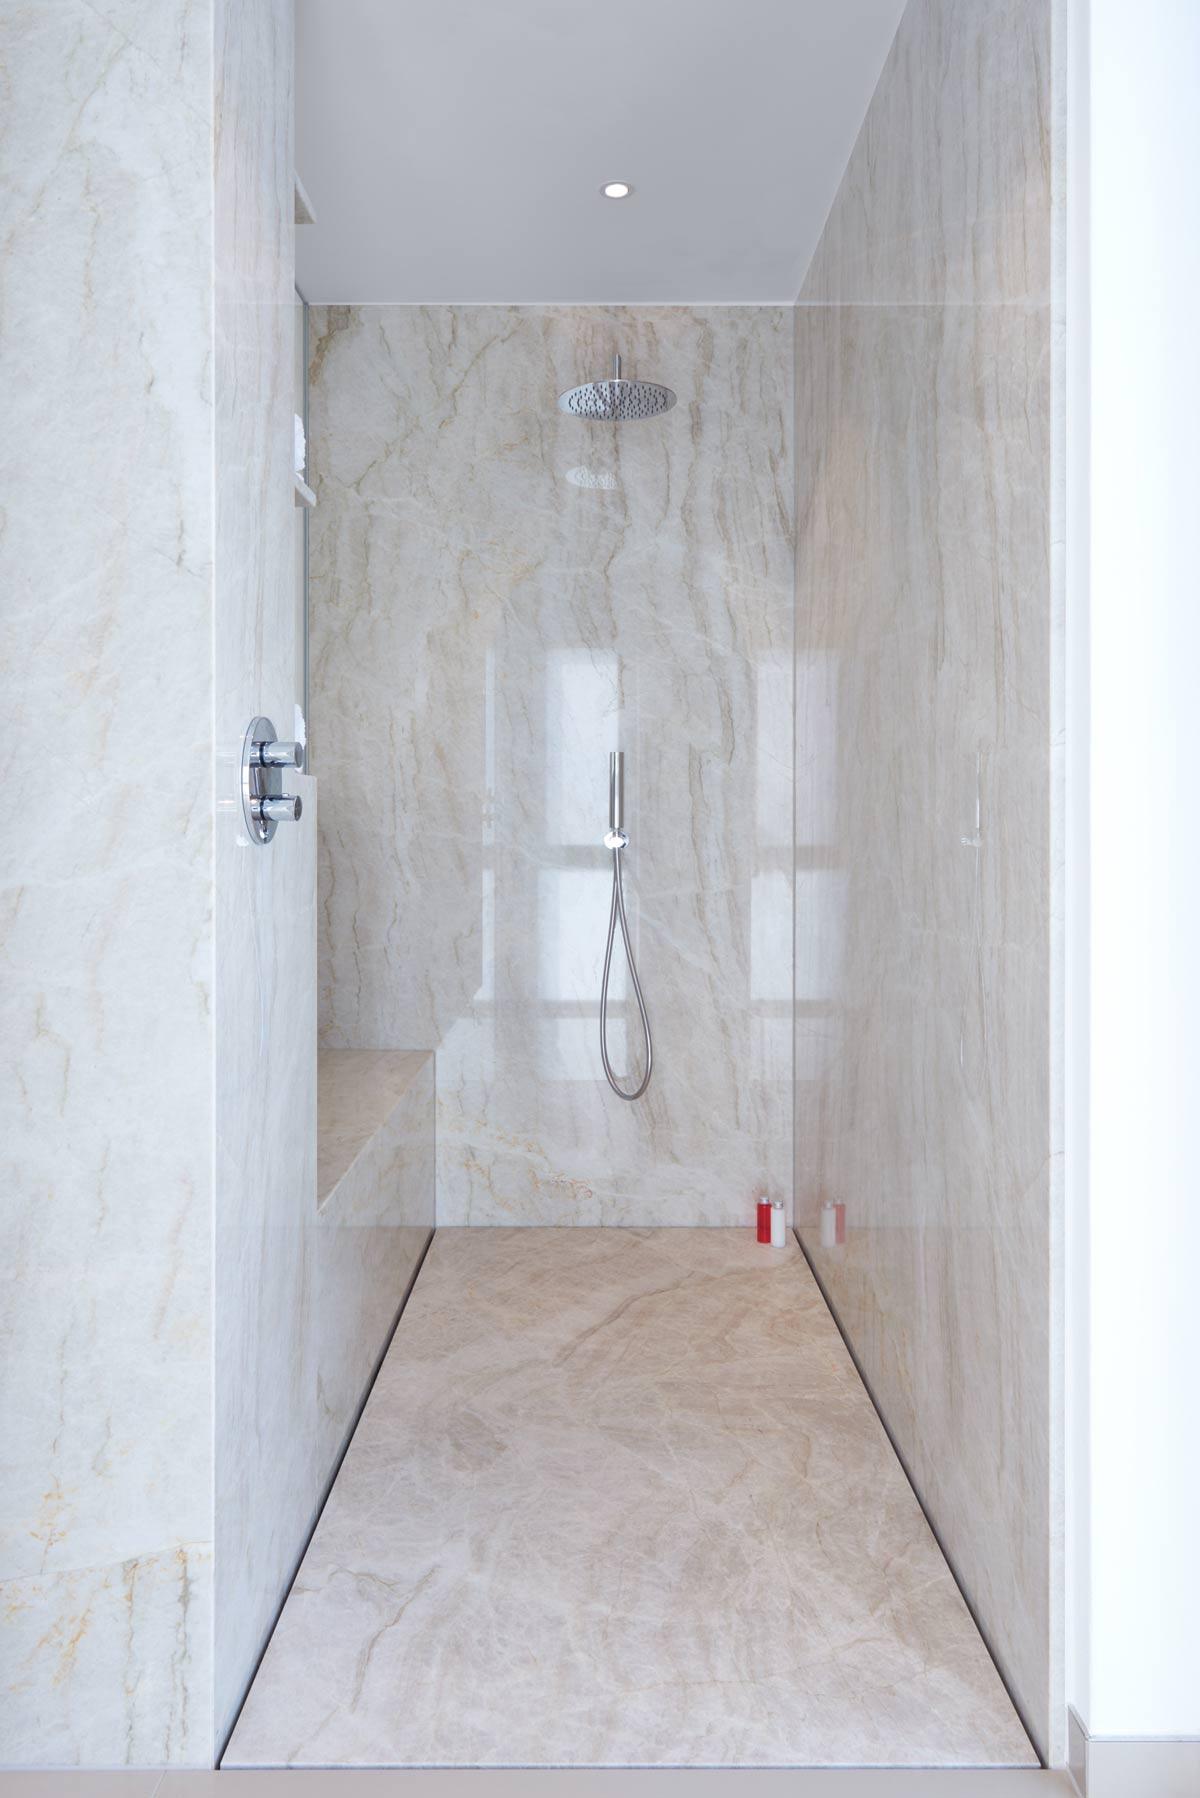 Full Size of Ebenerdige Dusche Kosten Fugenlose Duschen Pflegeleicht Und Puristisch Baqua Glasabtrennung 80x80 Komplett Set Begehbare Ebenerdig Bodengleich Fliesen Für Dusche Ebenerdige Dusche Kosten